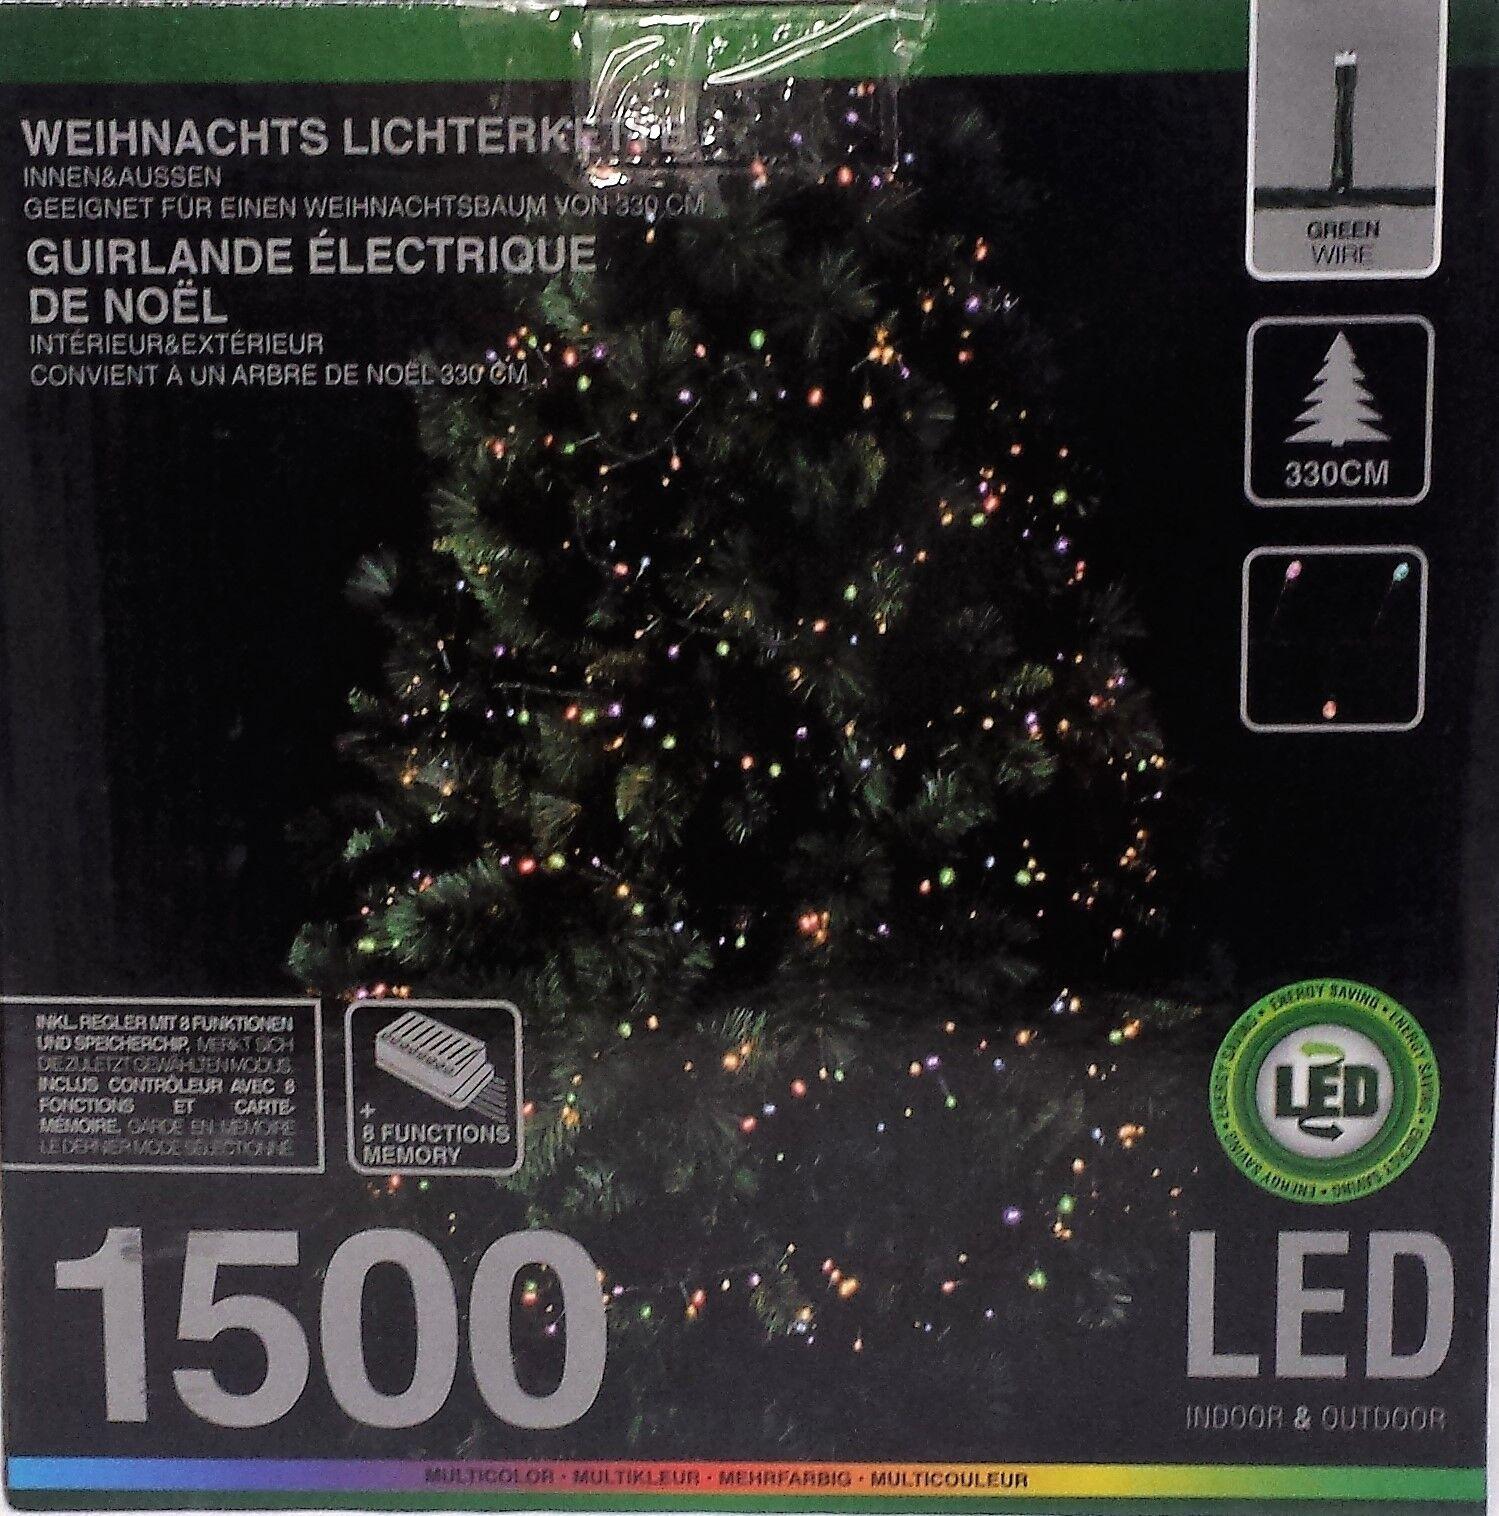 Lichterkette 1500 LED multiFarbe 8 Funktionen 330 330 330 cm Weihnachtsbaum Party fabb98